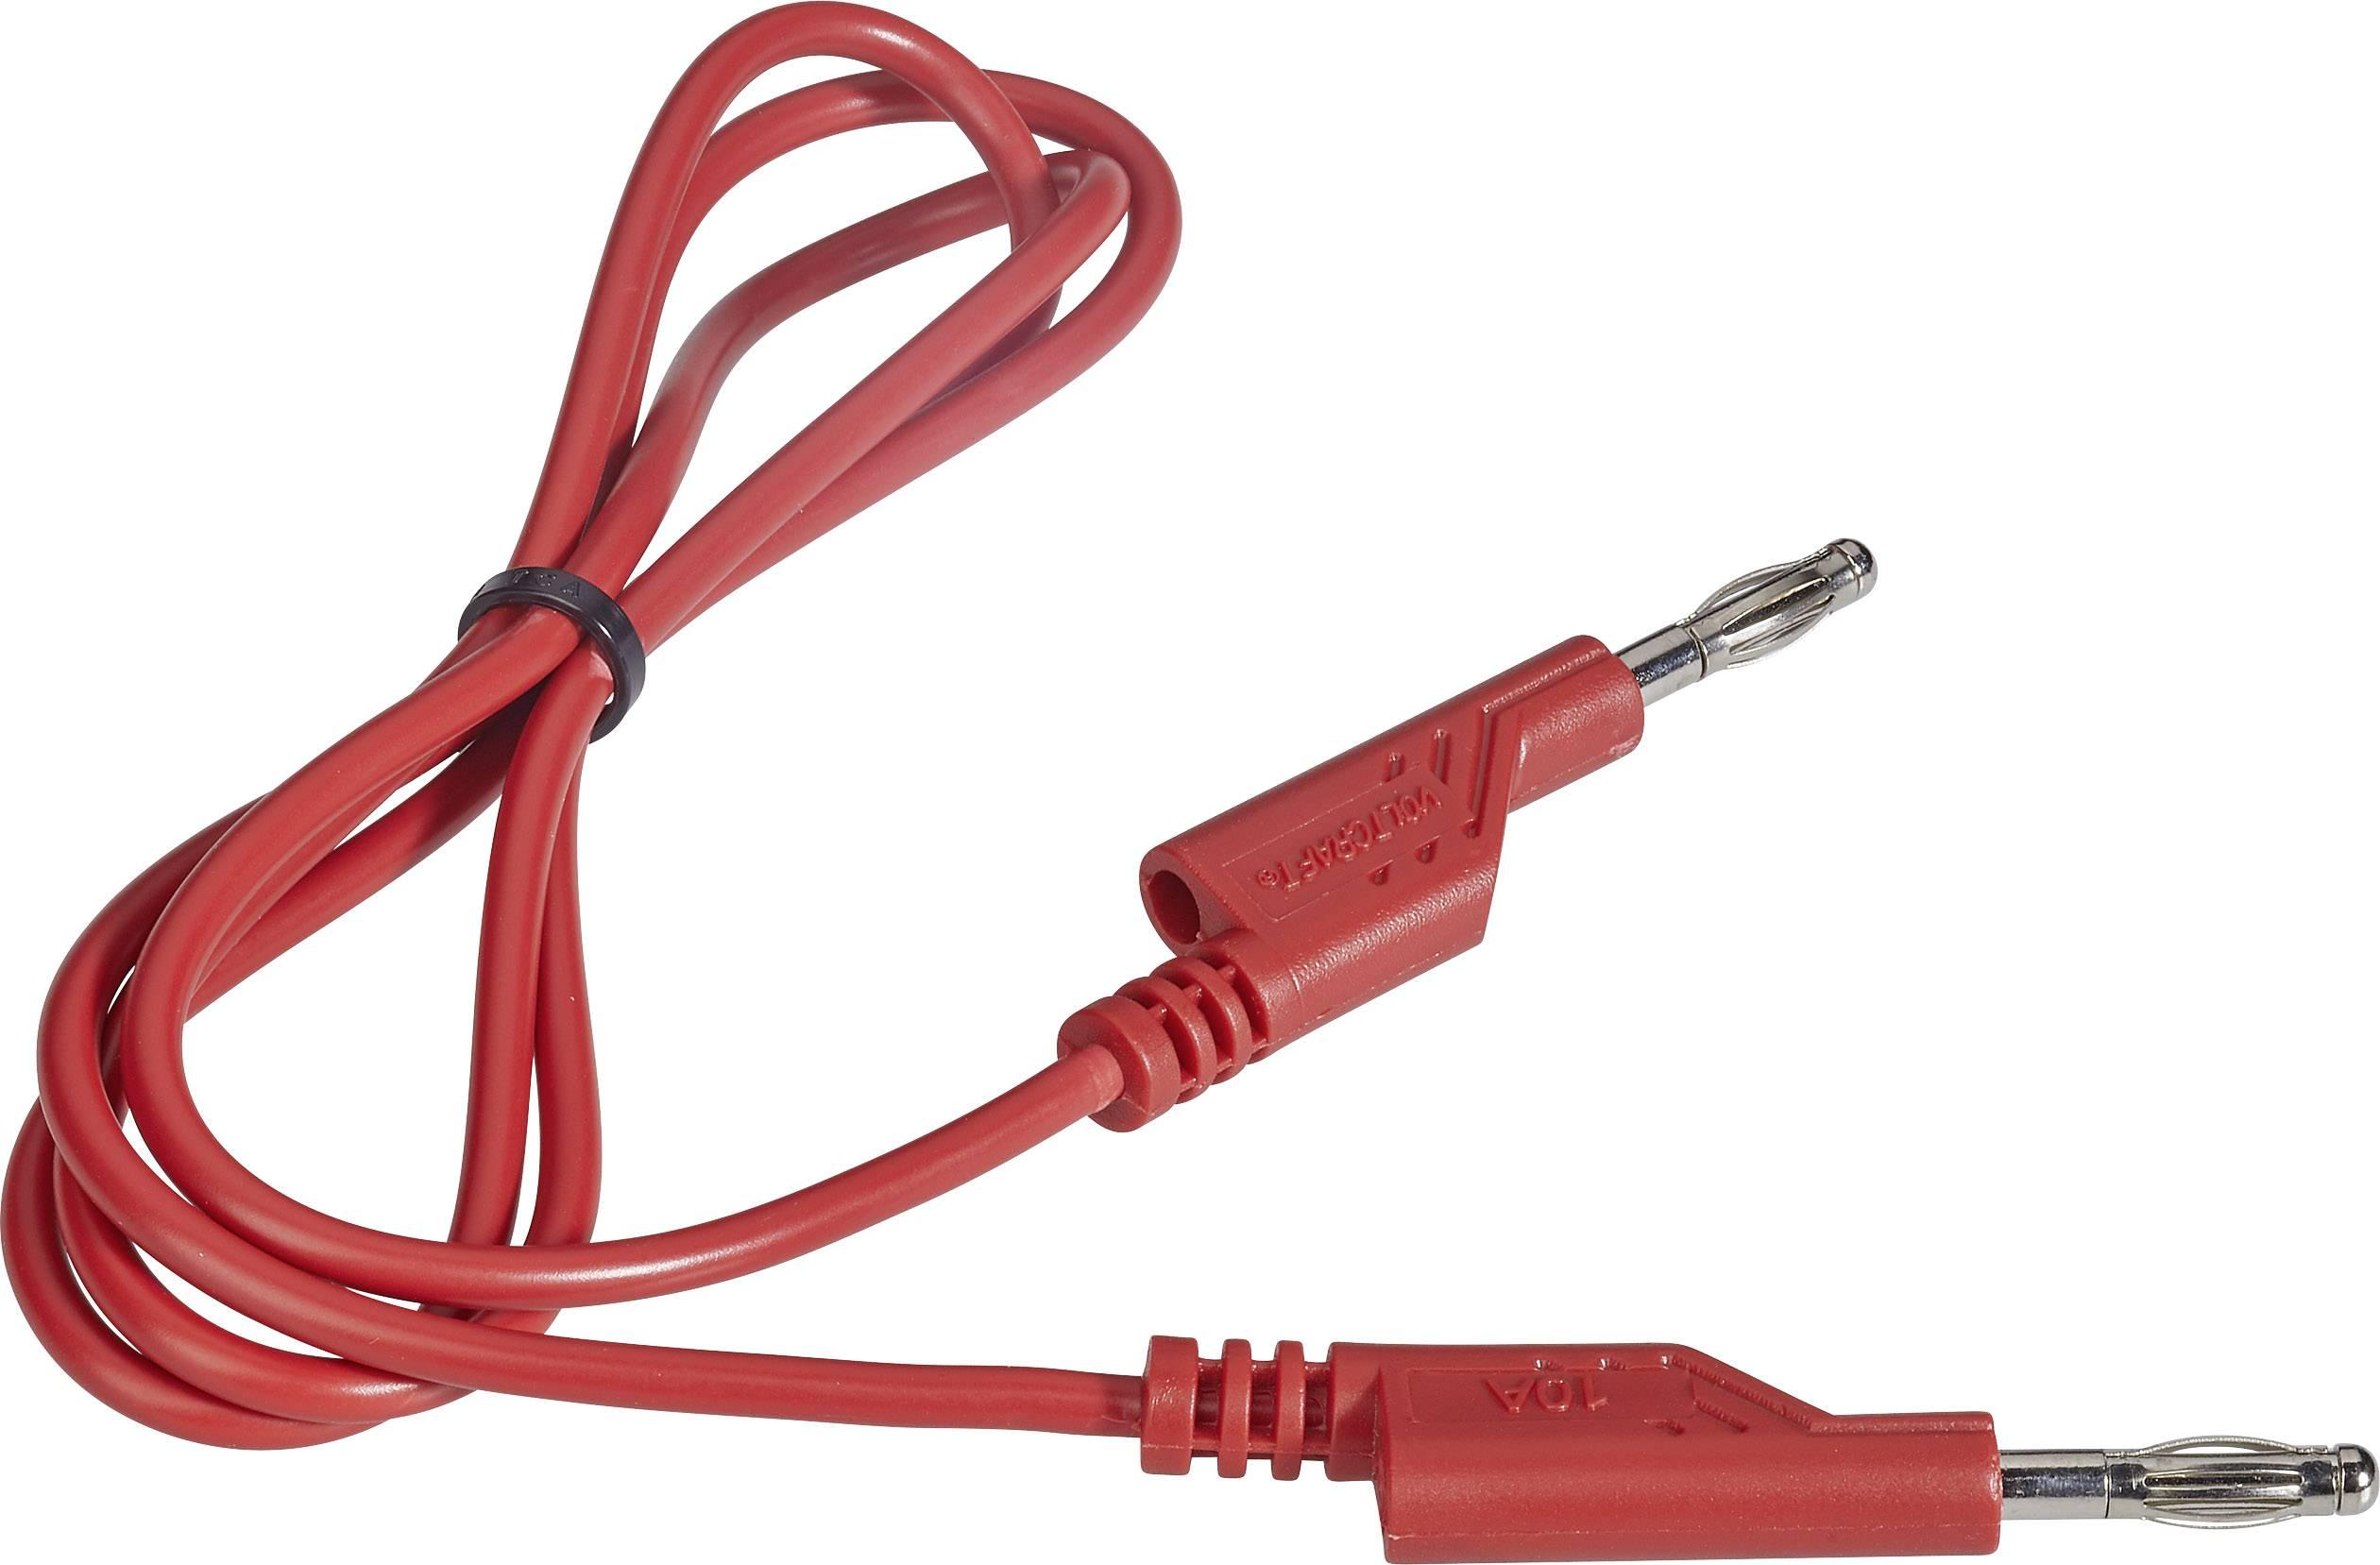 Merací kábel Voltcraft 1 mm², 4 mm, 1 m, červený